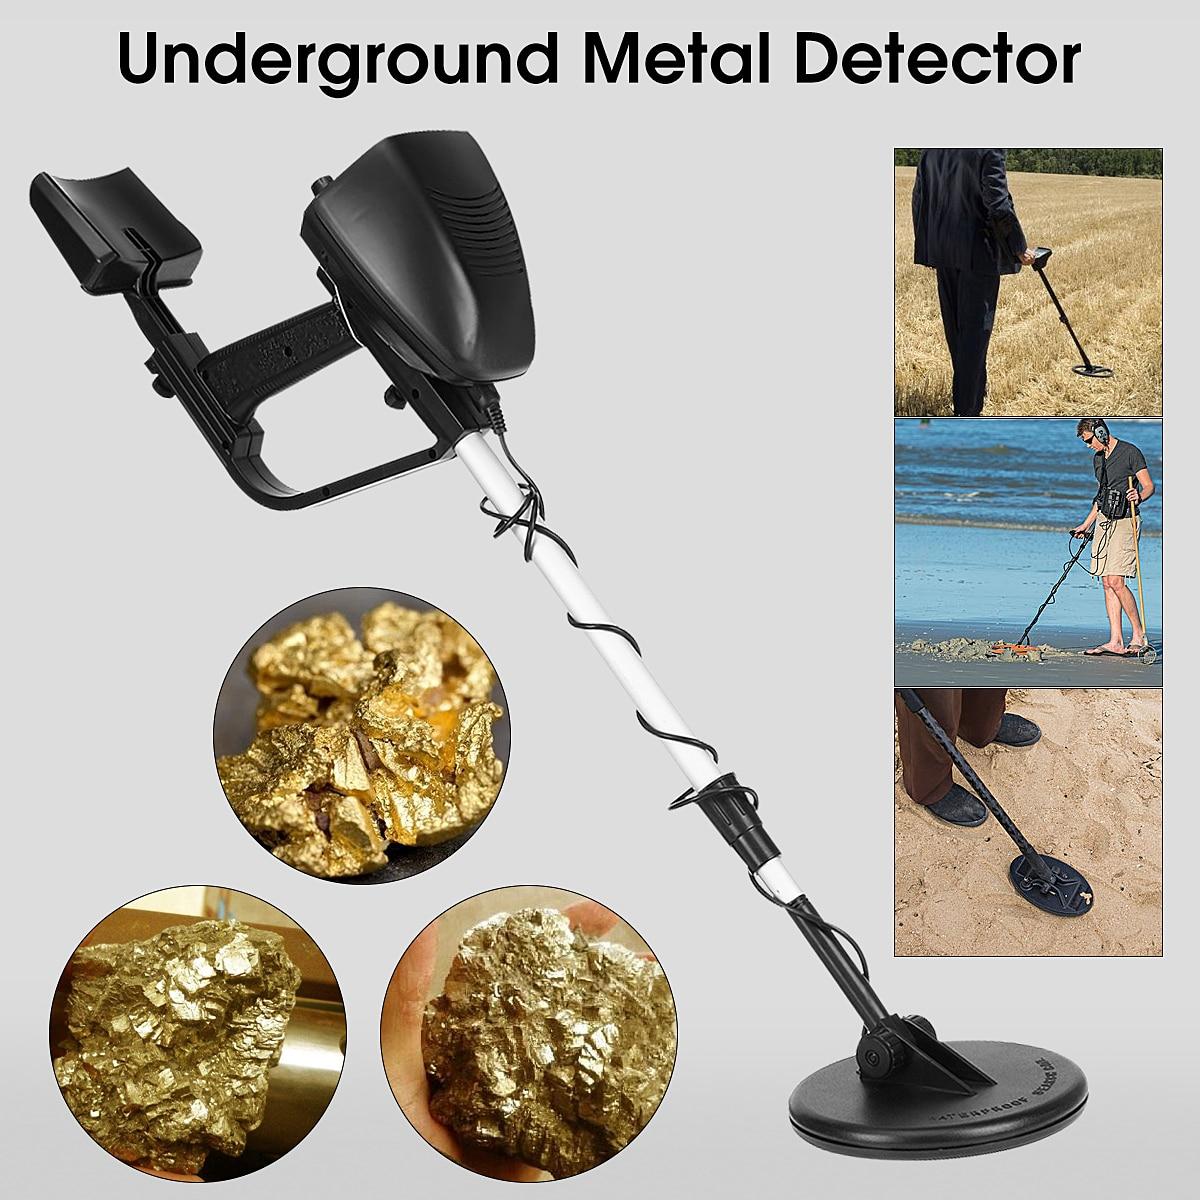 MD4030 Portable étanche souterrain réglable pièces or détecteur de métaux Digger trésor chasseur métal Circuit trésor Digger